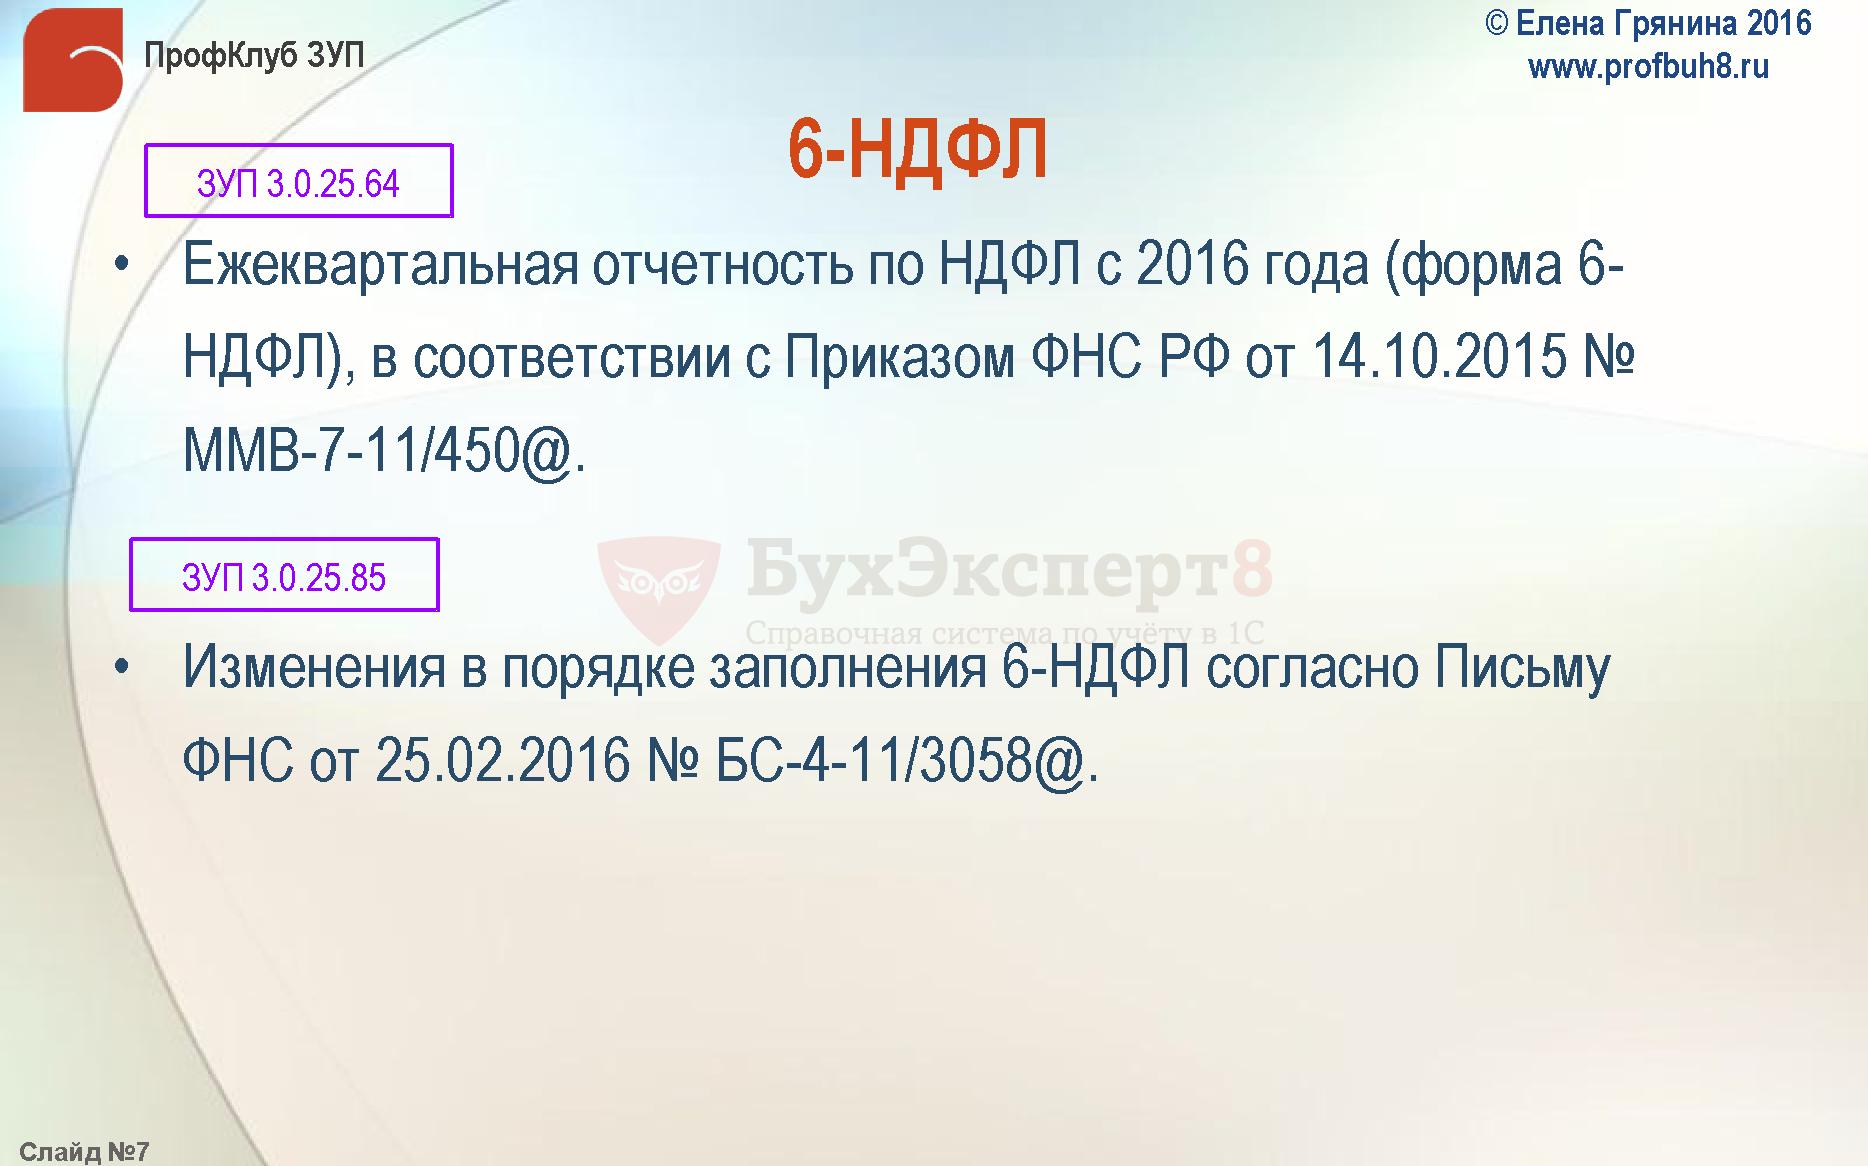 6-НДФЛ Ежеквартальная отчетность по НДФЛ с 2016 года (форма 6-НДФЛ), в соответствии с Приказом ФНС РФ от 14.10.2015 № ММВ-7-11/450@. Изменения в порядке заполнения 6-НДФЛ согласно Письму ФНС от 25.02.2016 № БС-4-11/3058@